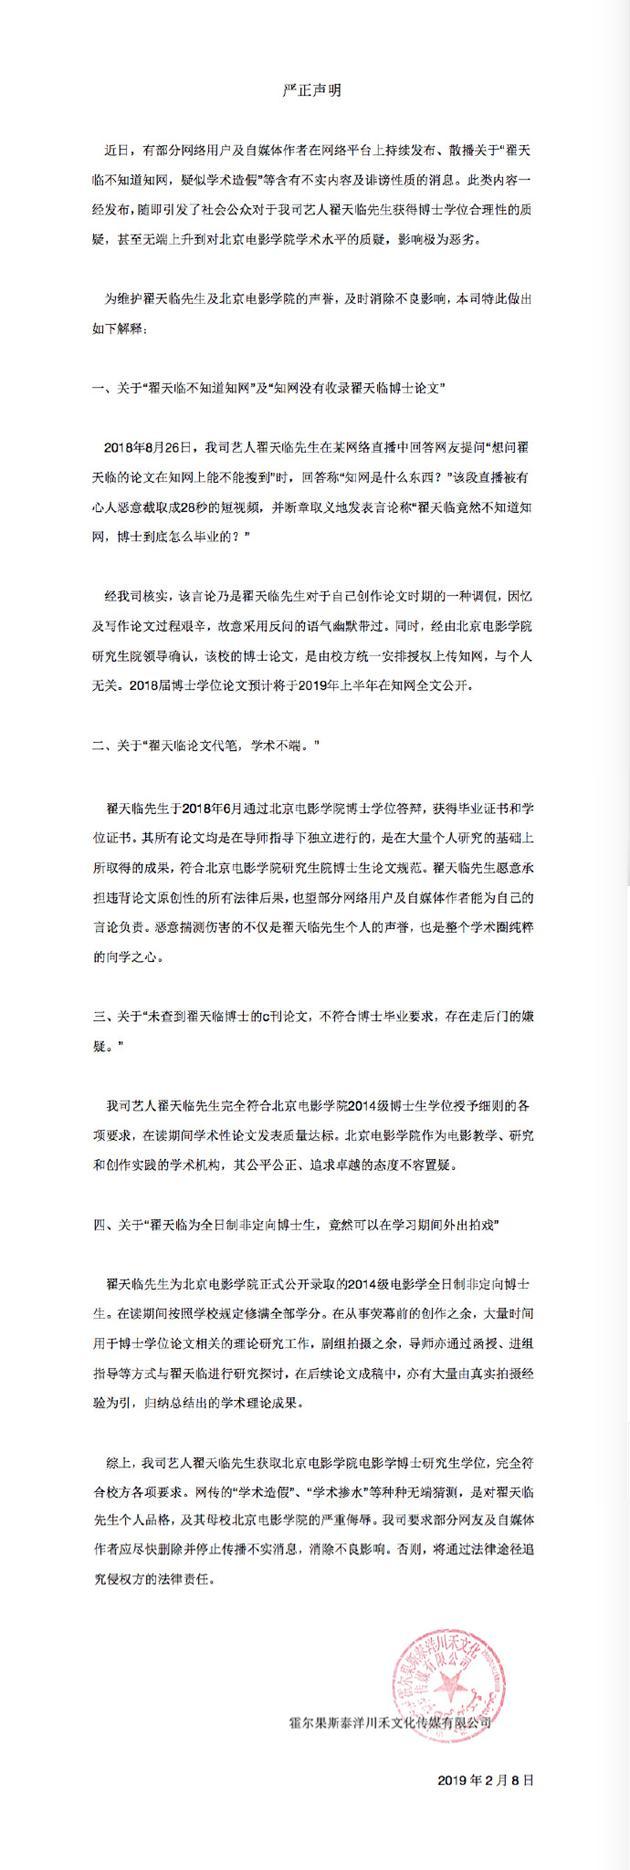 翟天临工作室发声明辟谣学术不端:符合校方要求